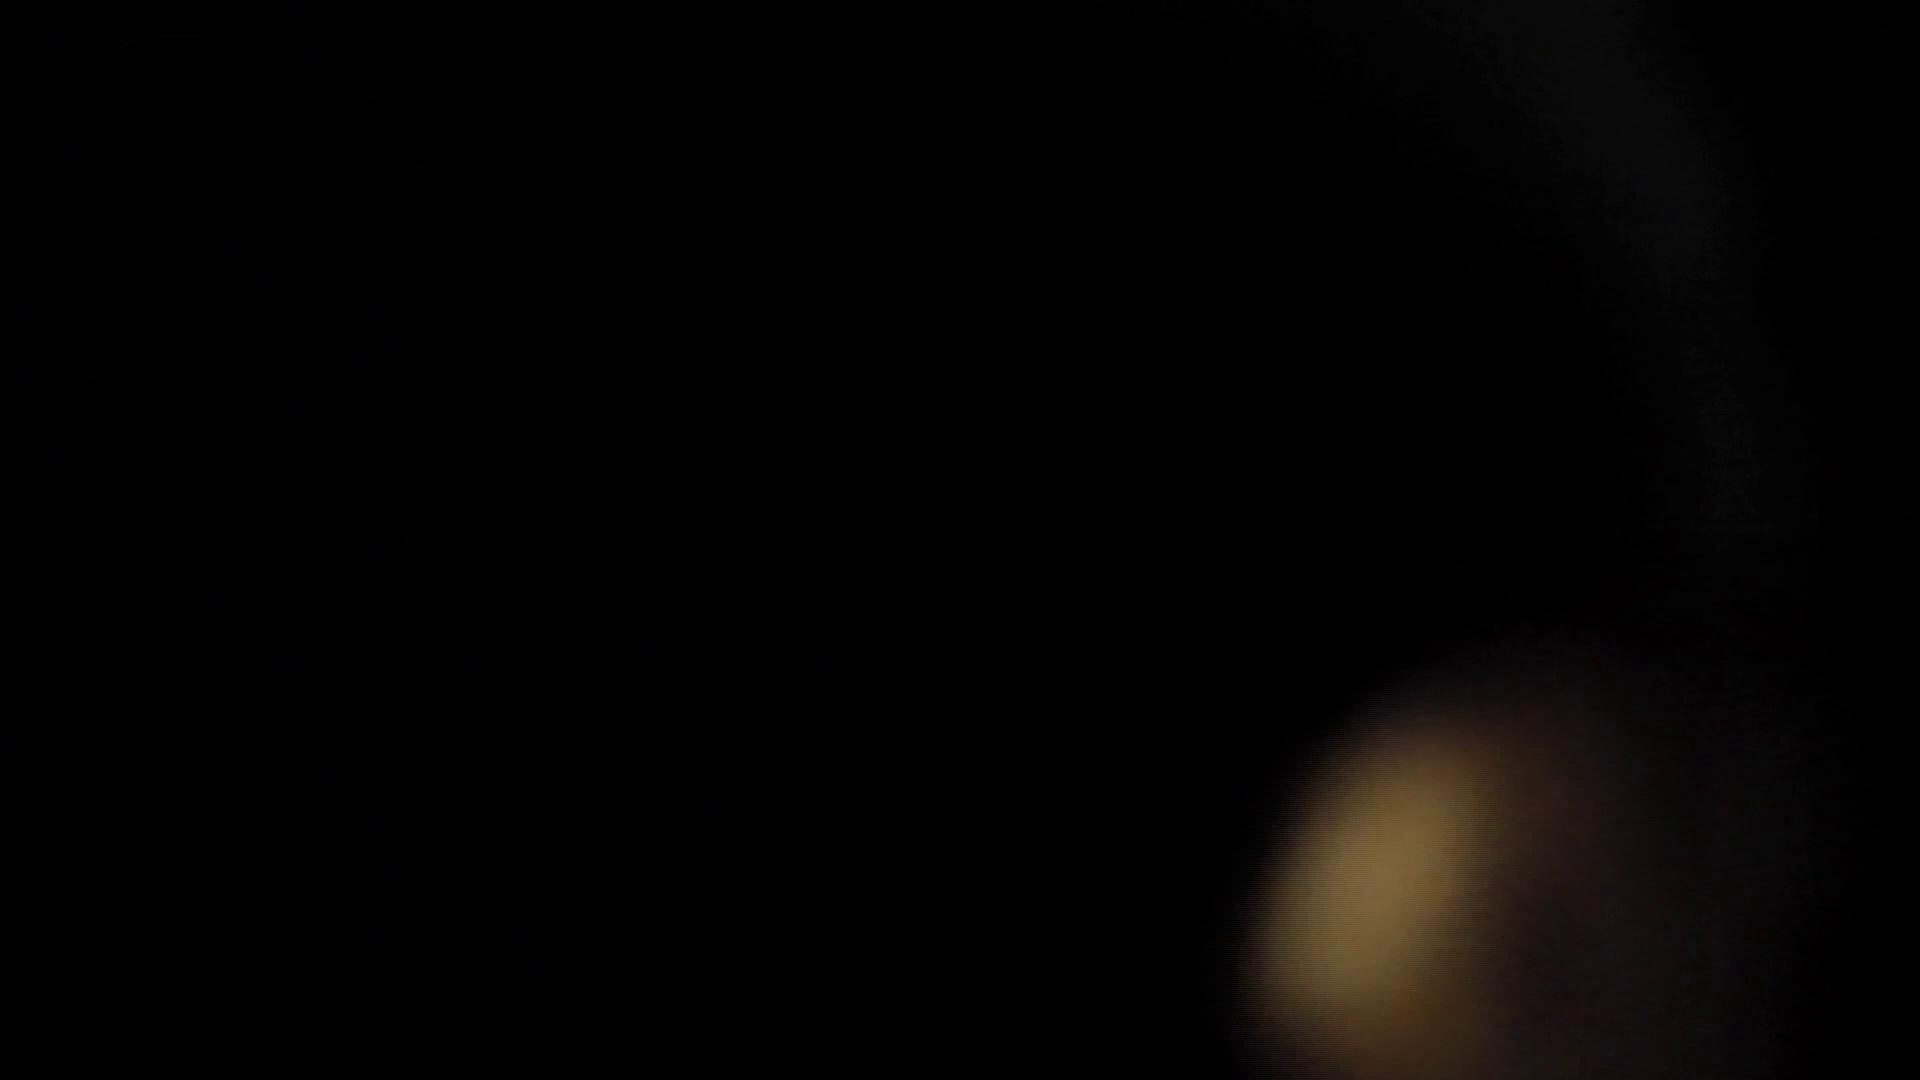 ステーション編 vol40 更に画質アップ!!無料動画のモデルつい登場3 お姉さん攻略 われめAV動画紹介 91画像 46